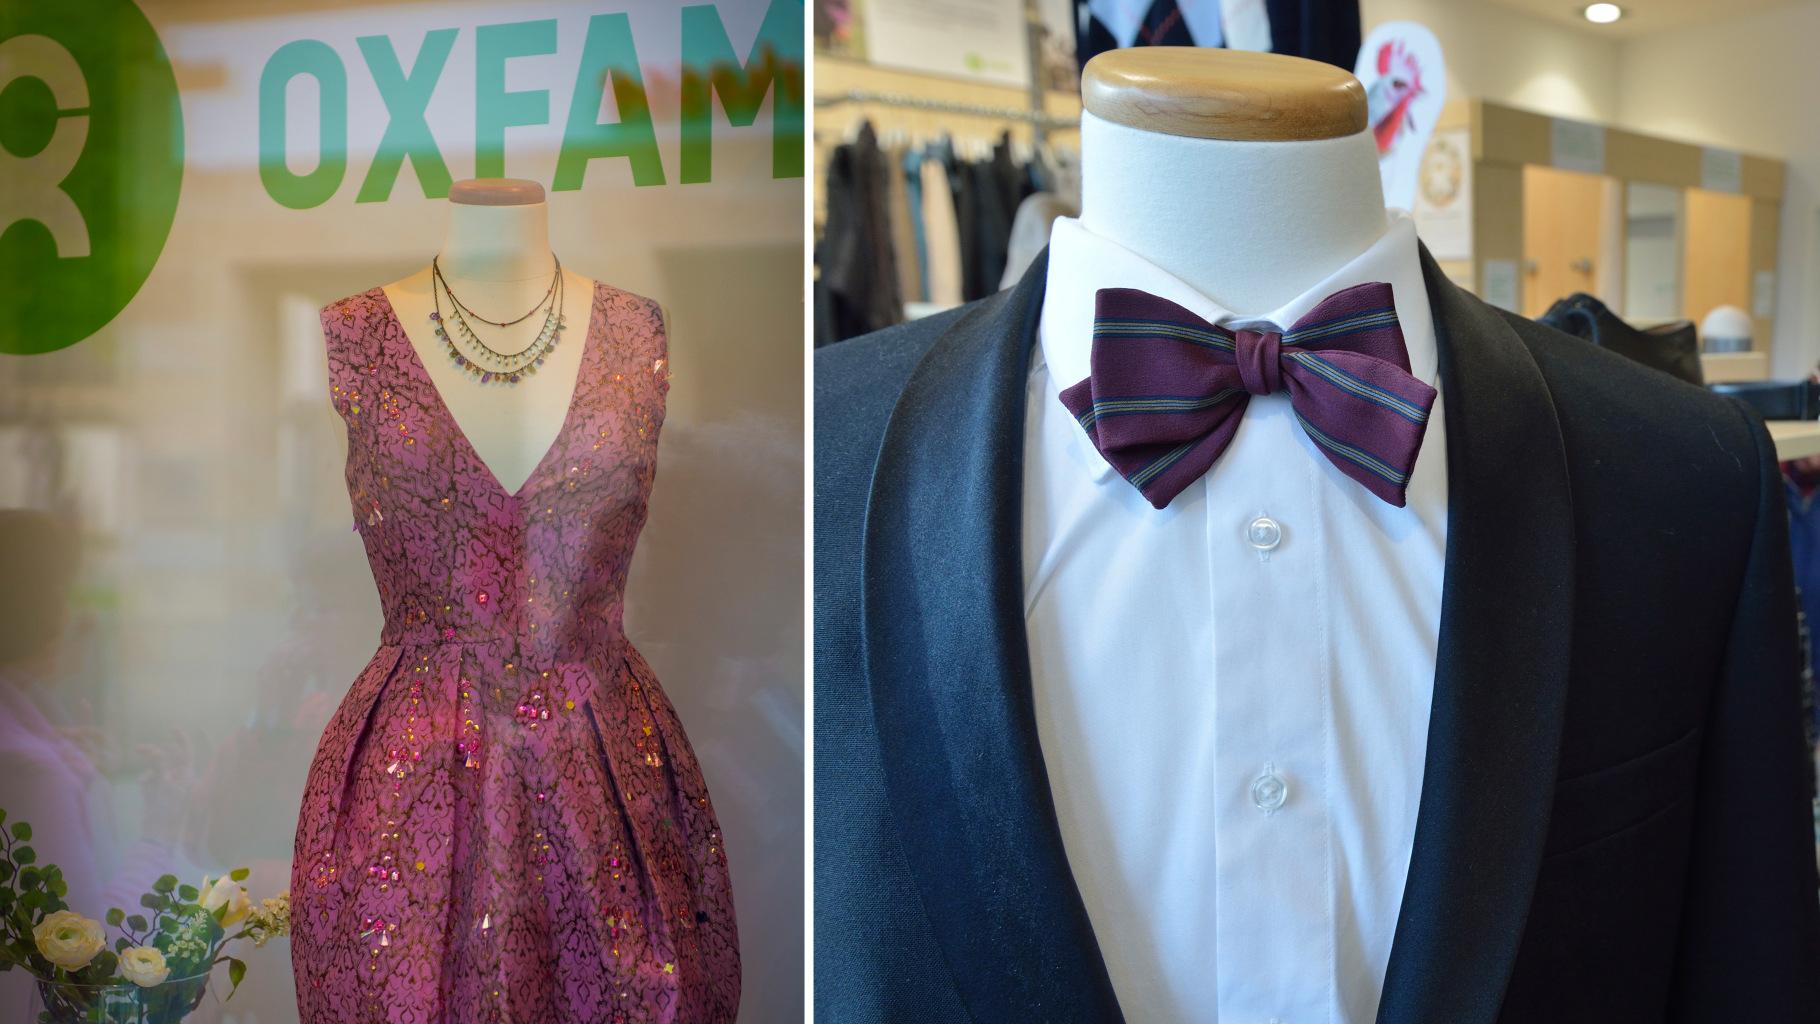 festliche Kleidung für den Abiball im Oxfam Shop